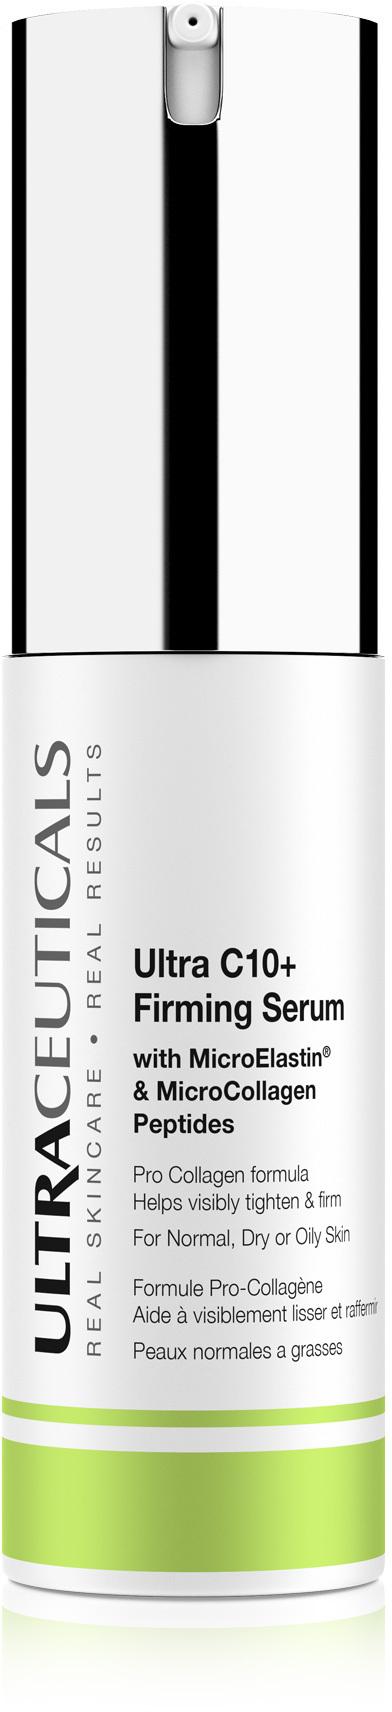 Ultraceuticals Ultra C10+ Firming Serum